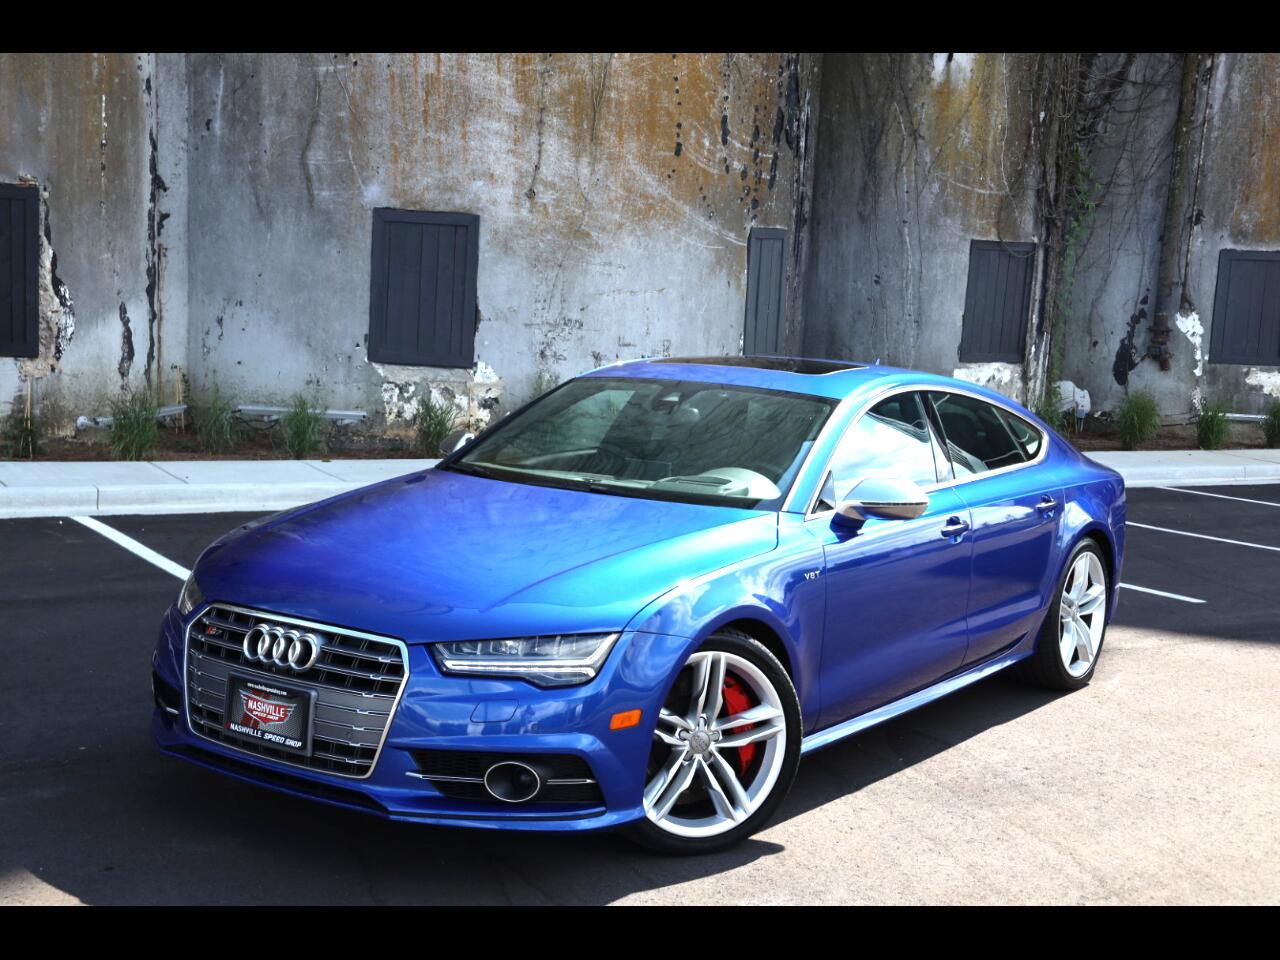 Audi S7 4.0 TFSI Prestige 2017